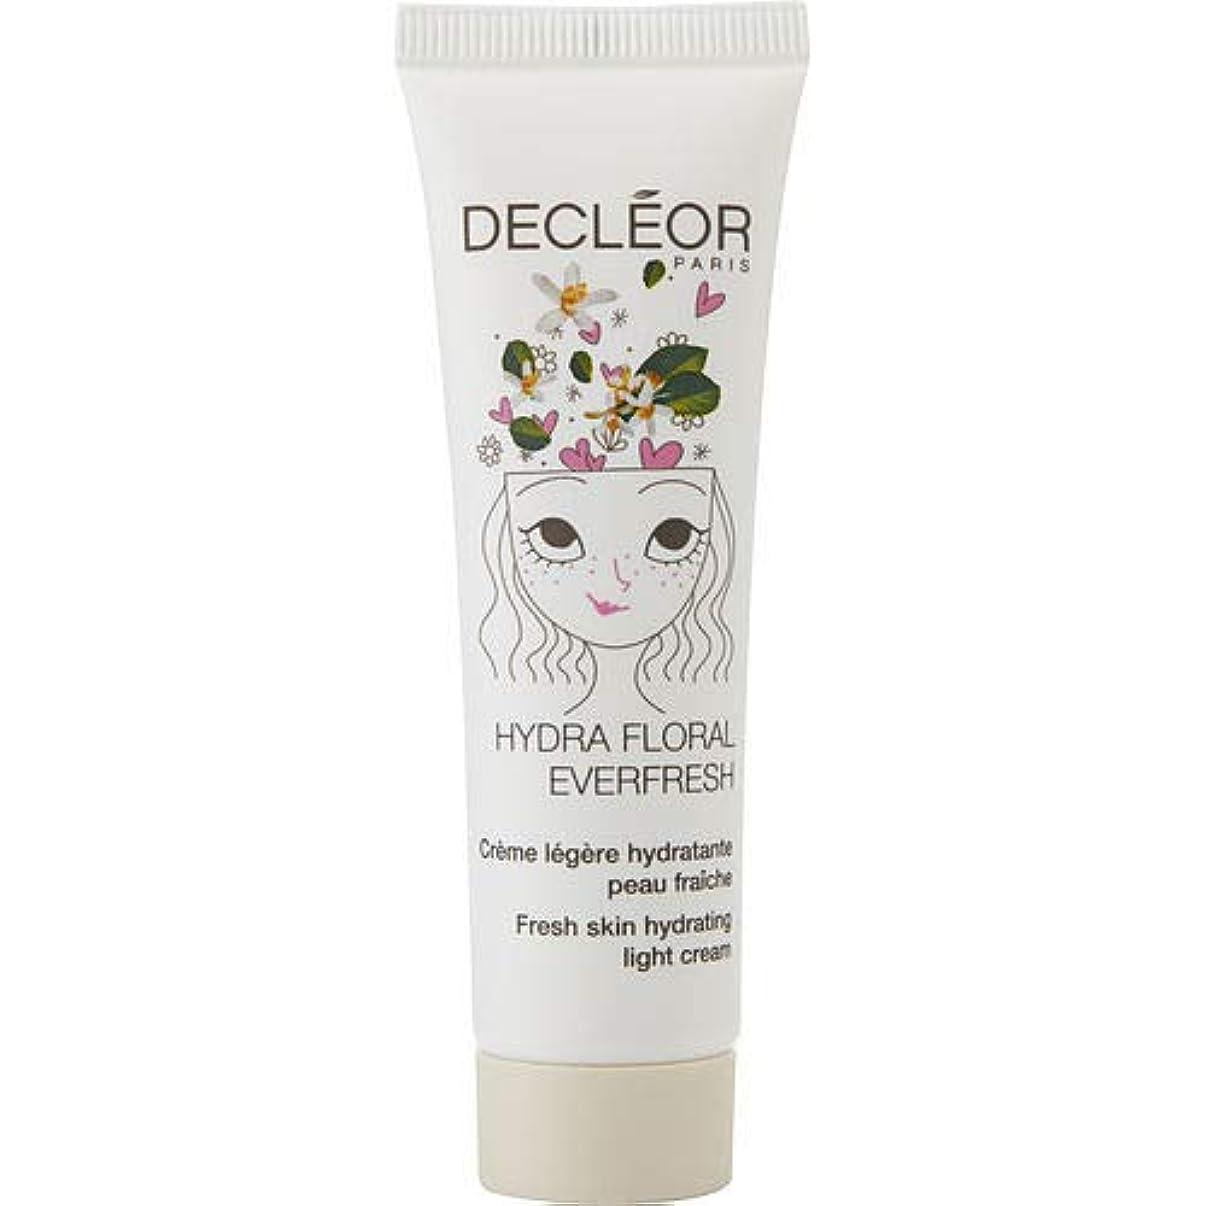 エレクトロニックスポーツ砂漠デクレオール Hydra Floral Everfresh Fresh Skin Hydrating Light Cream - For Dehydrated Skin 30ml/1oz並行輸入品